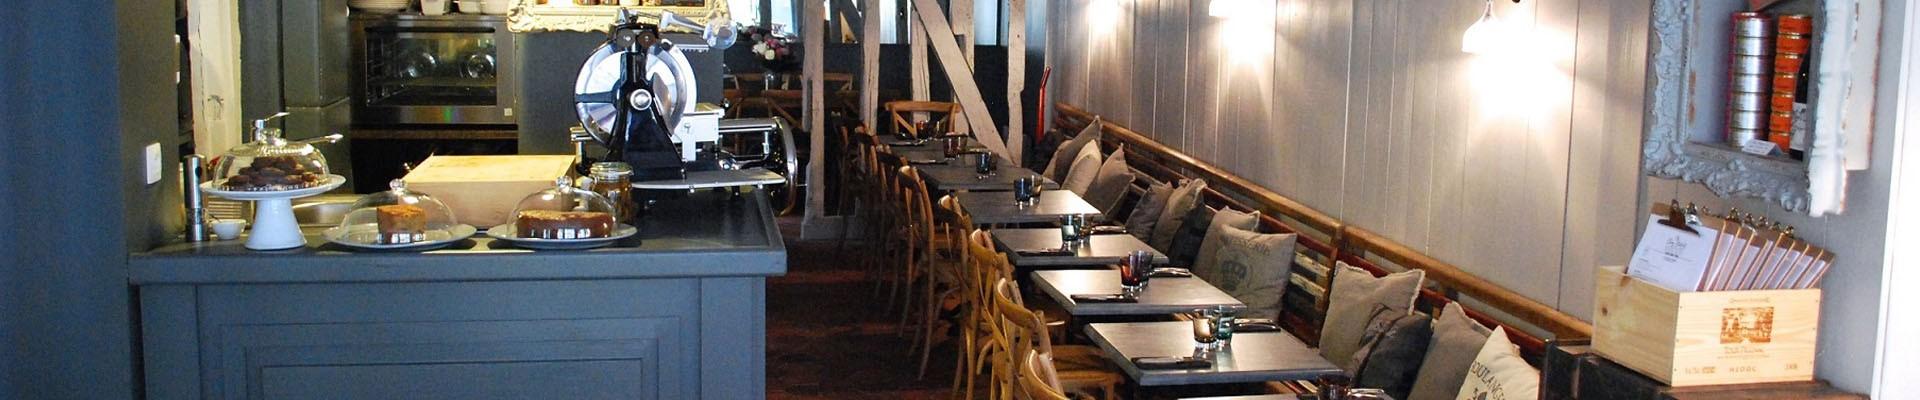 restaurants-45